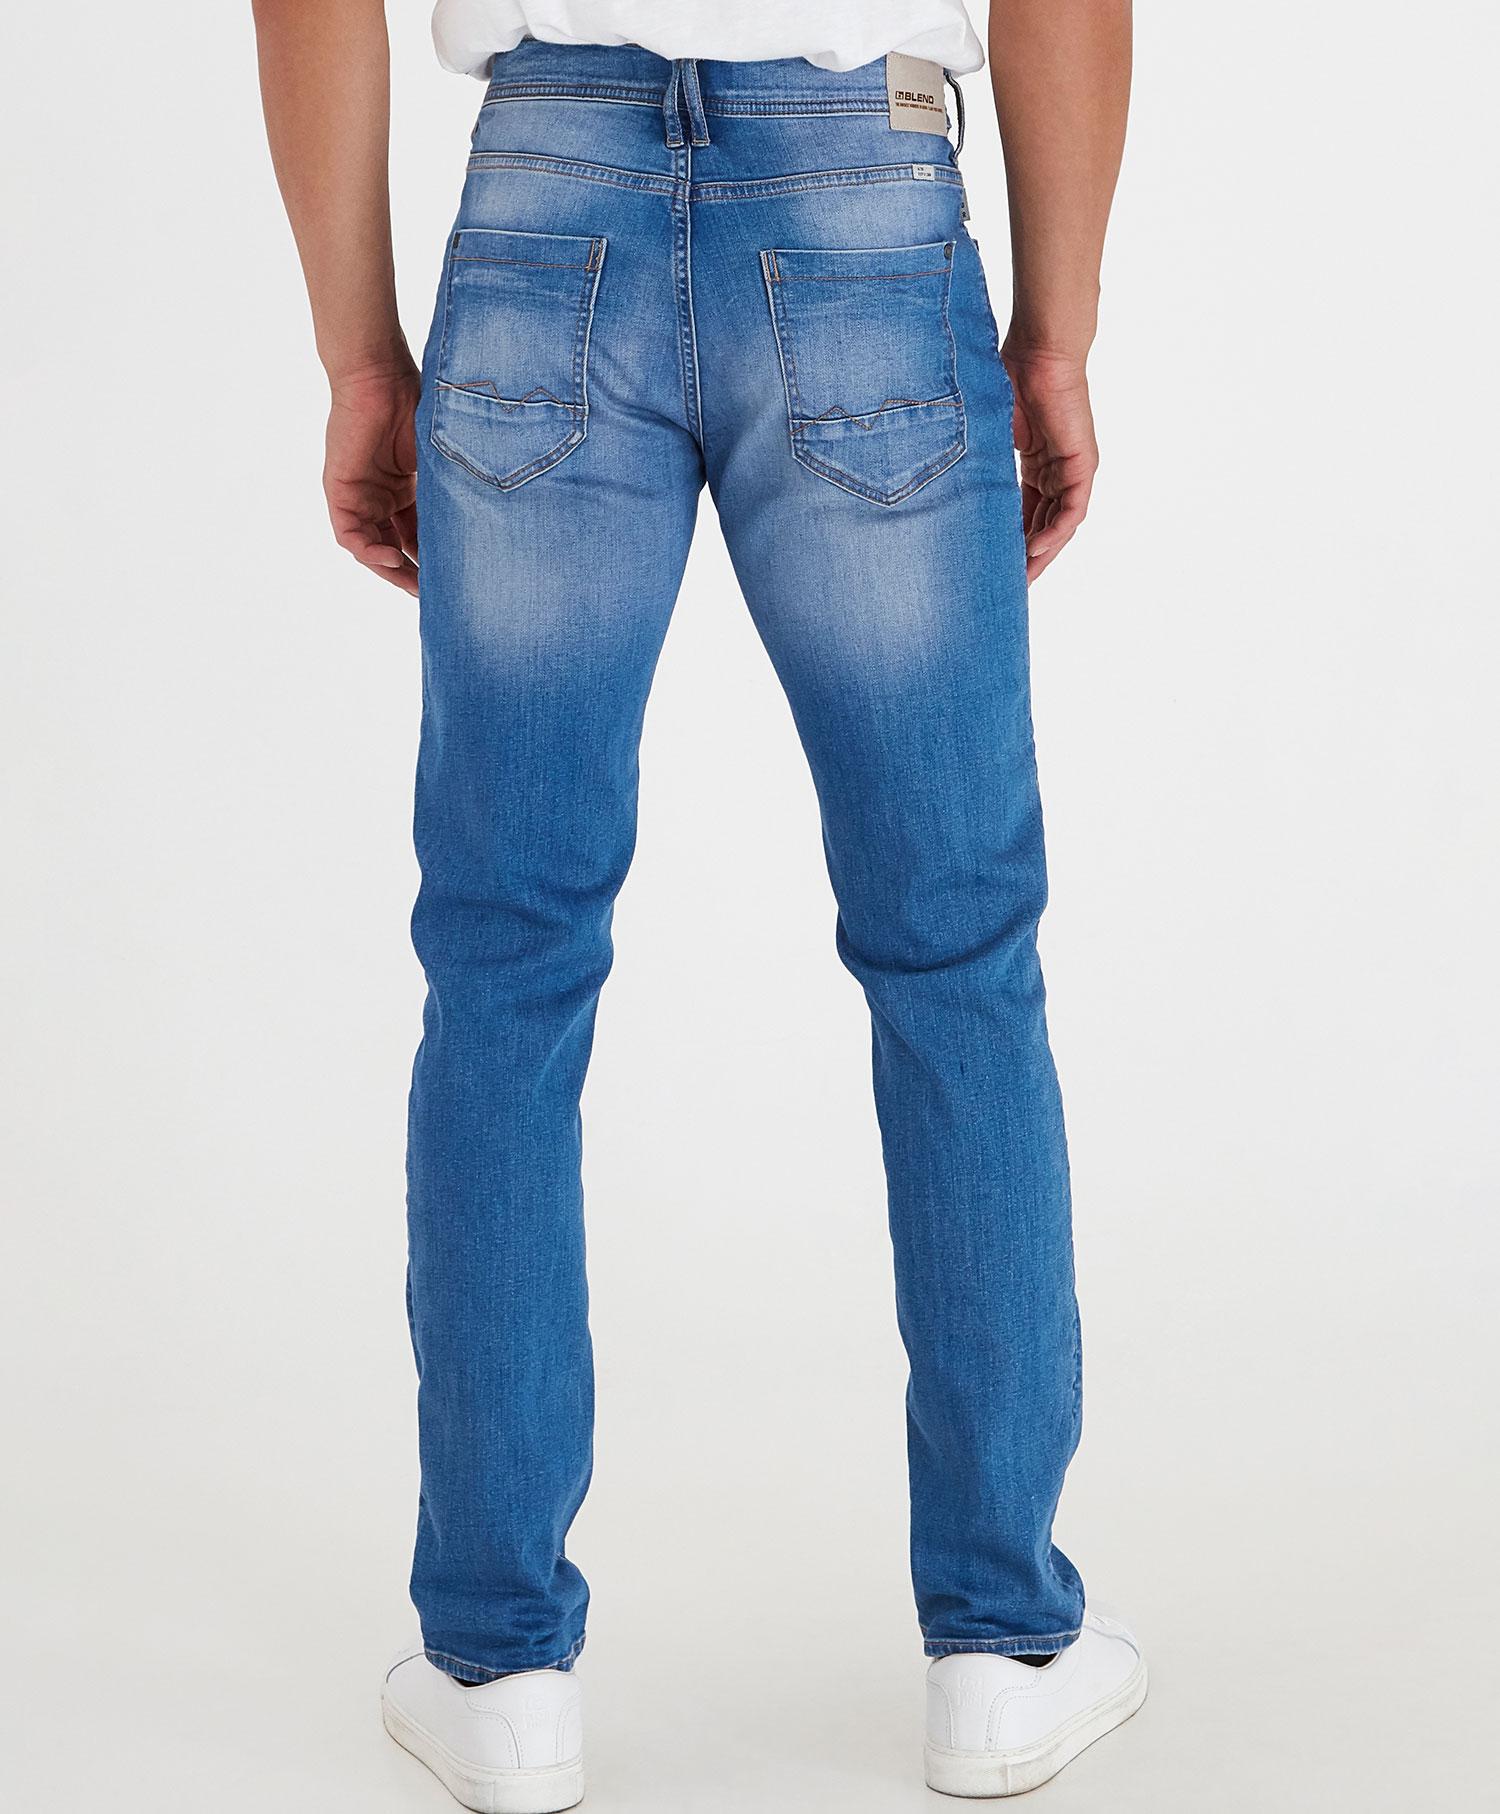 Blend Twisterfit jeans